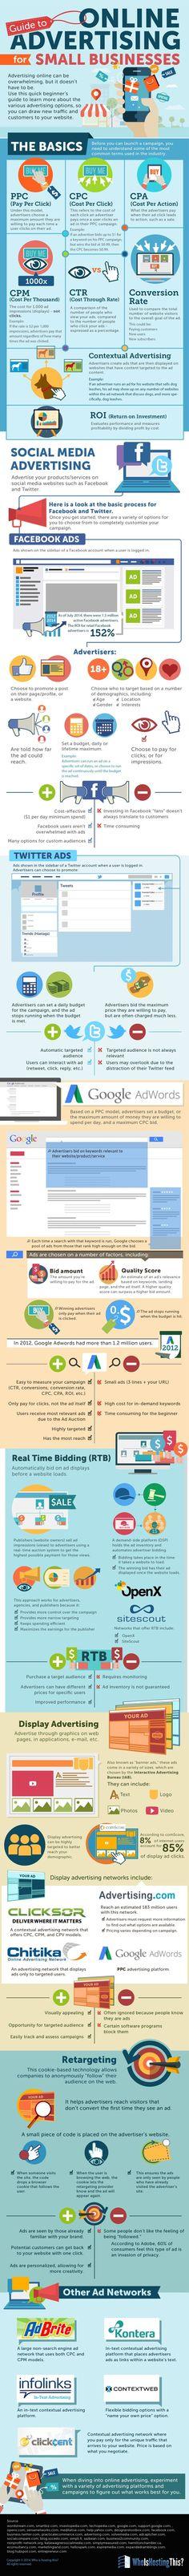 Guía de publicidad en Internet para pequeños negocios #infografía